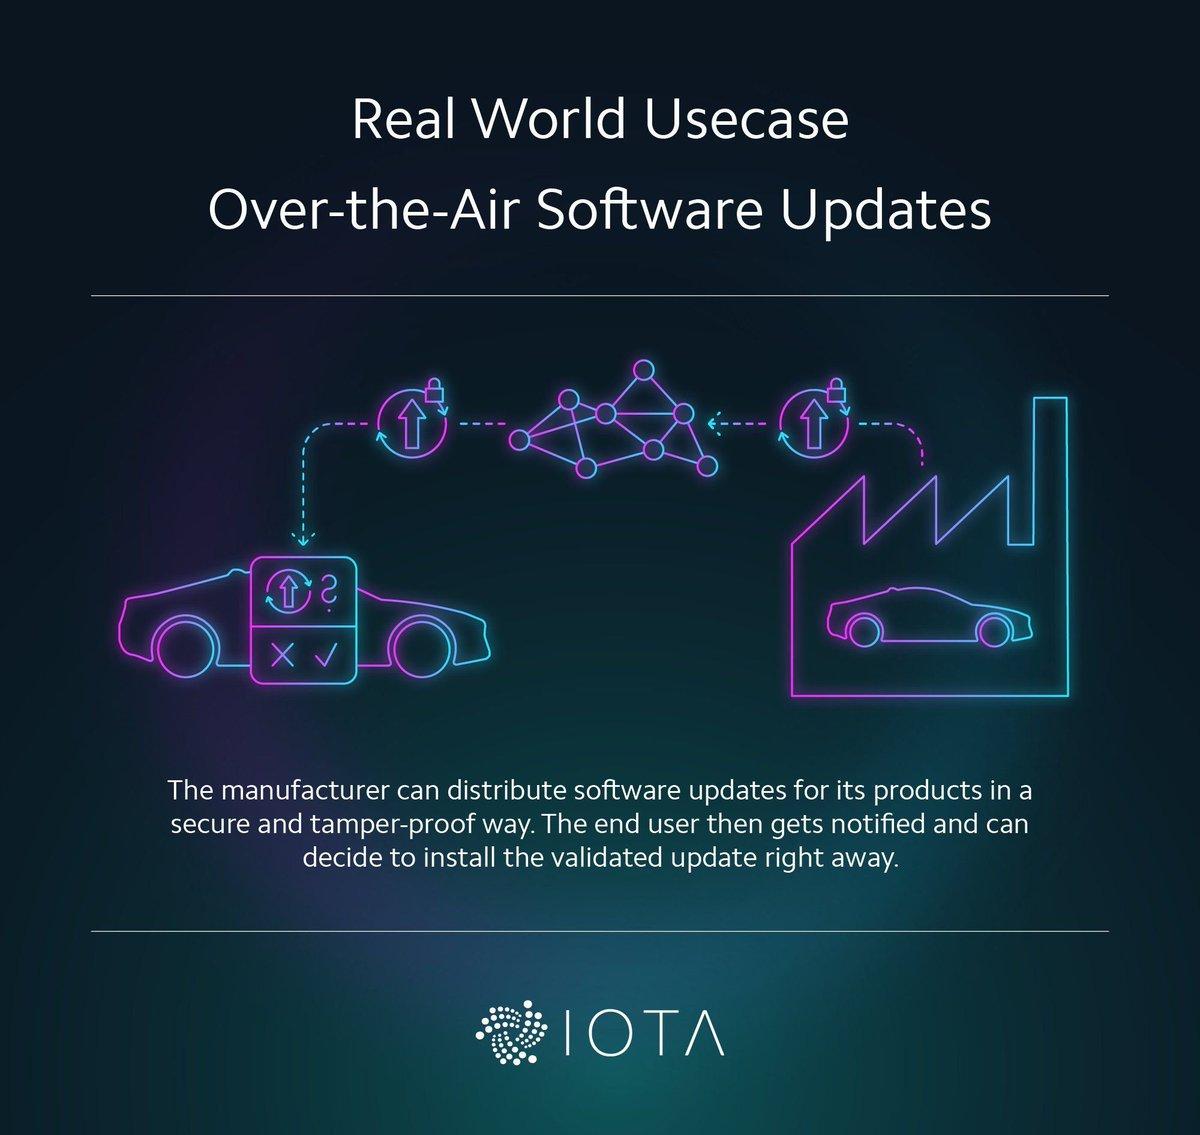 IOTA News on Twitter: